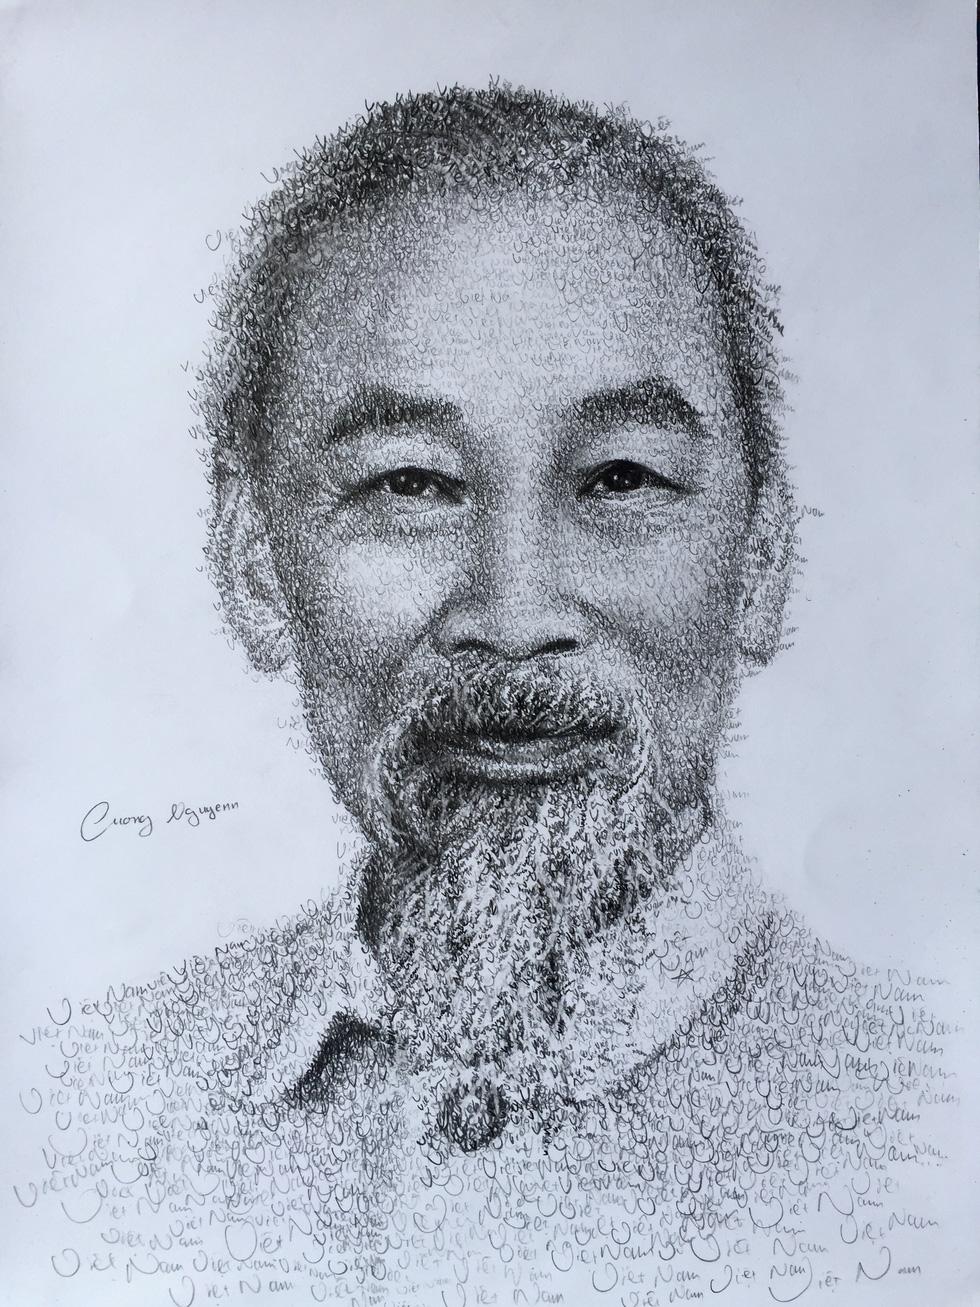 10X Bắc Ninh vẽ chân dung Bác Hồ bằng tên 63 tỉnh thành - Ảnh 2.